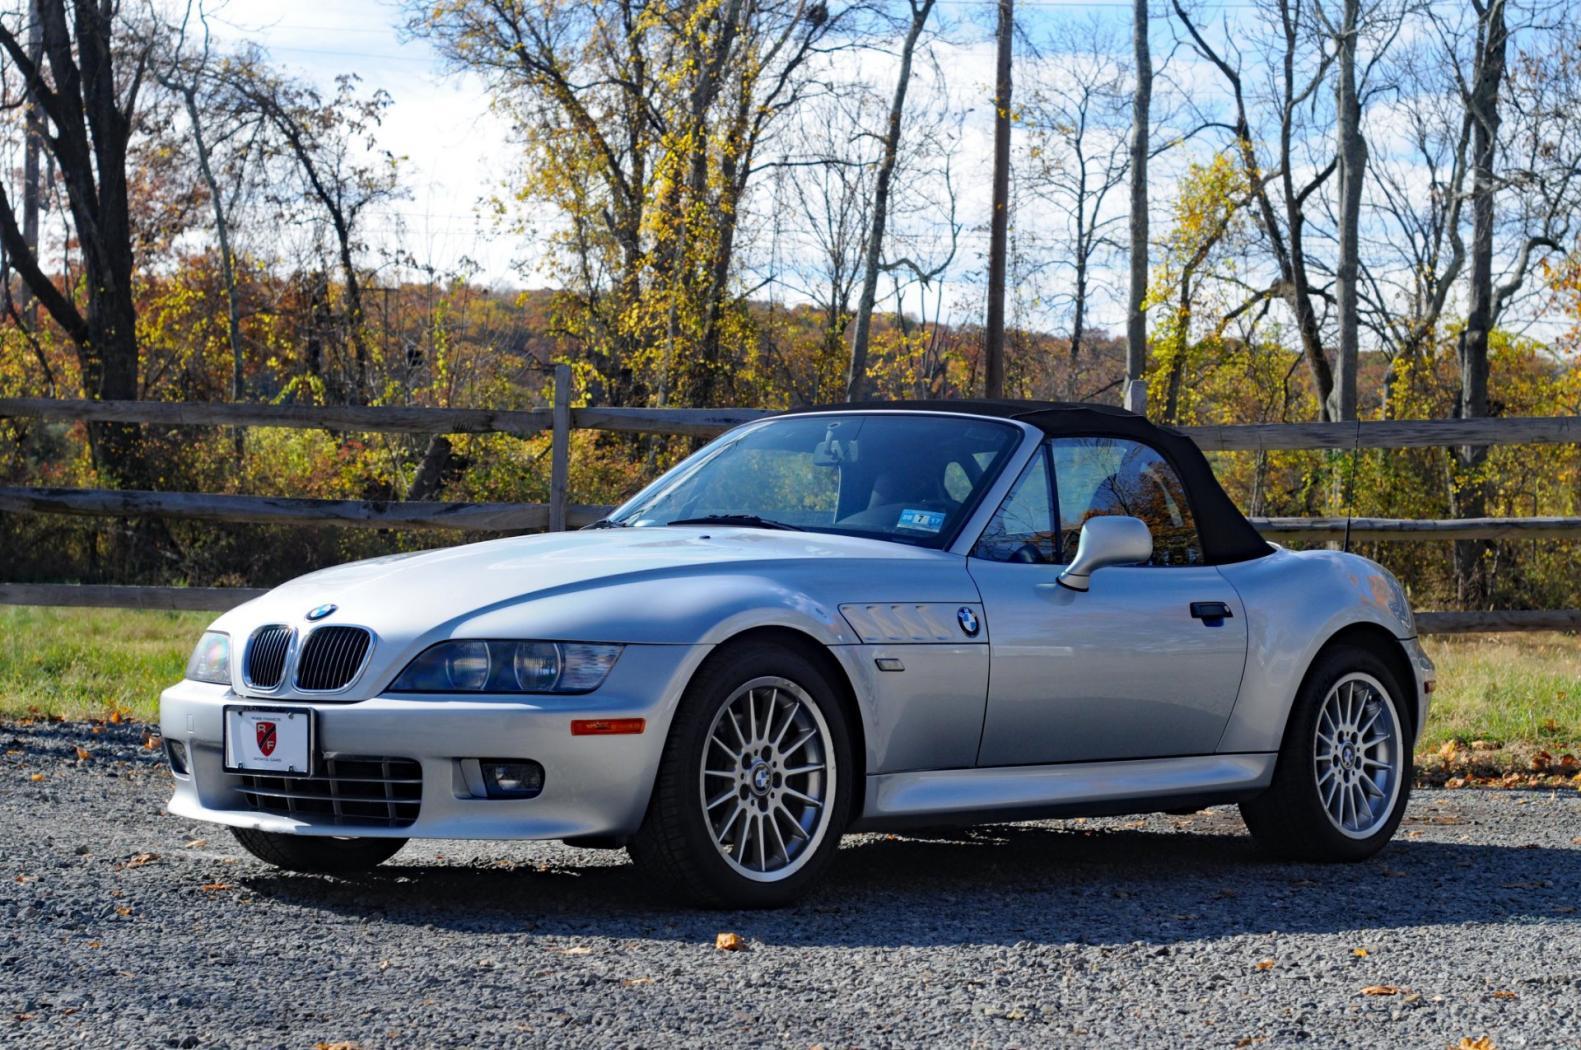 BMW-Z3-Les-problemes-de-chauffage-et-climatisation-1.jpeg